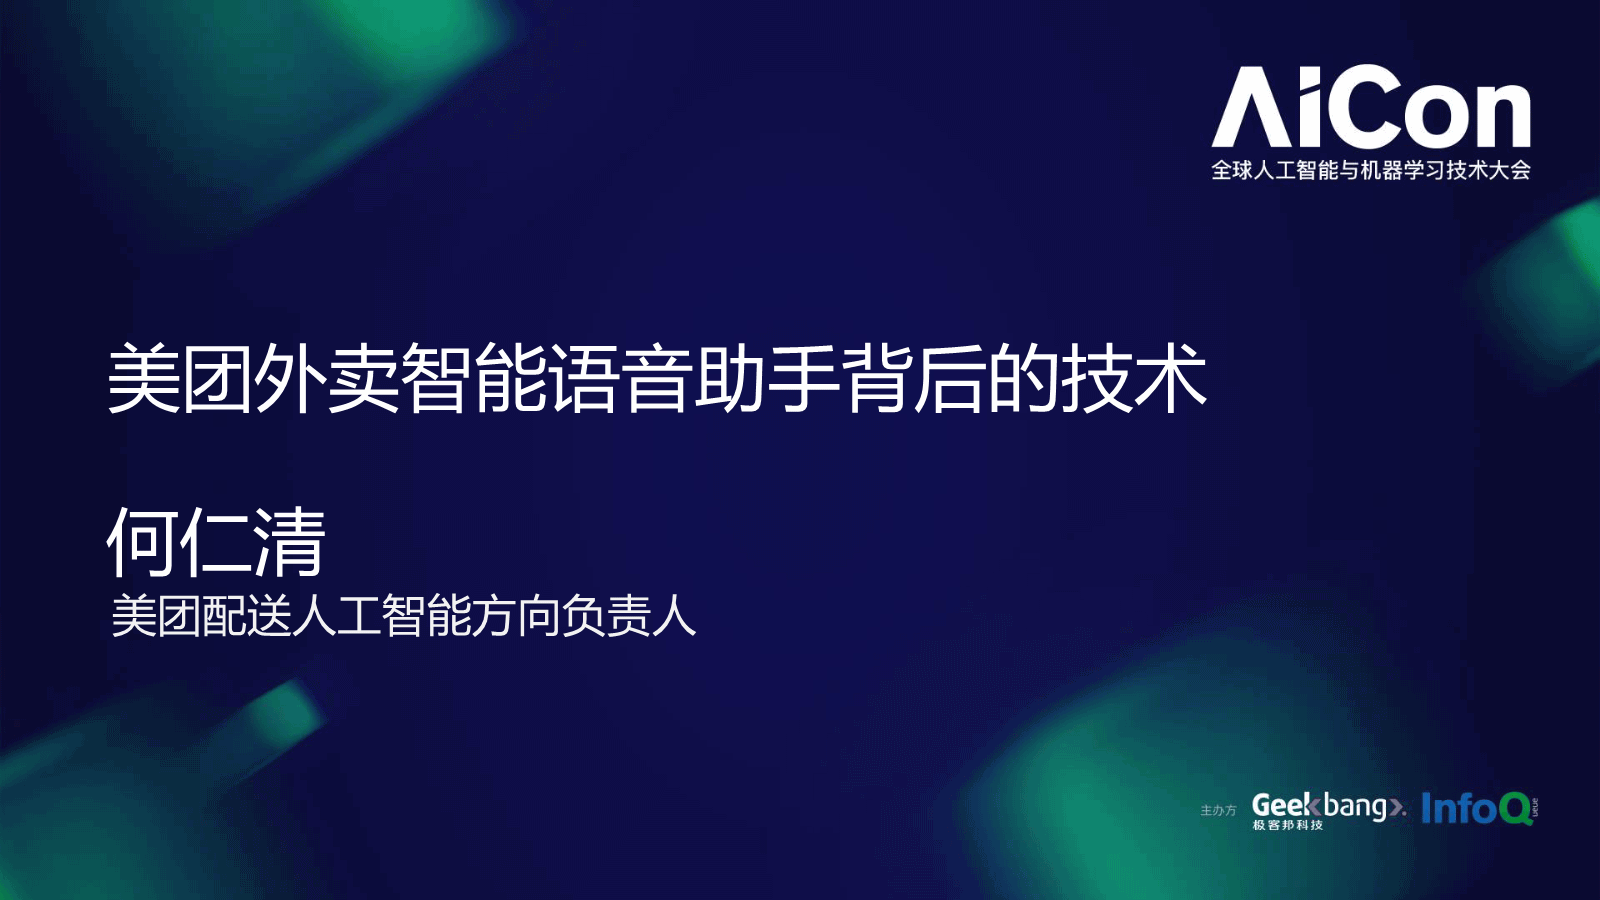 何仁清-美团外卖智能语音助手背后的技术